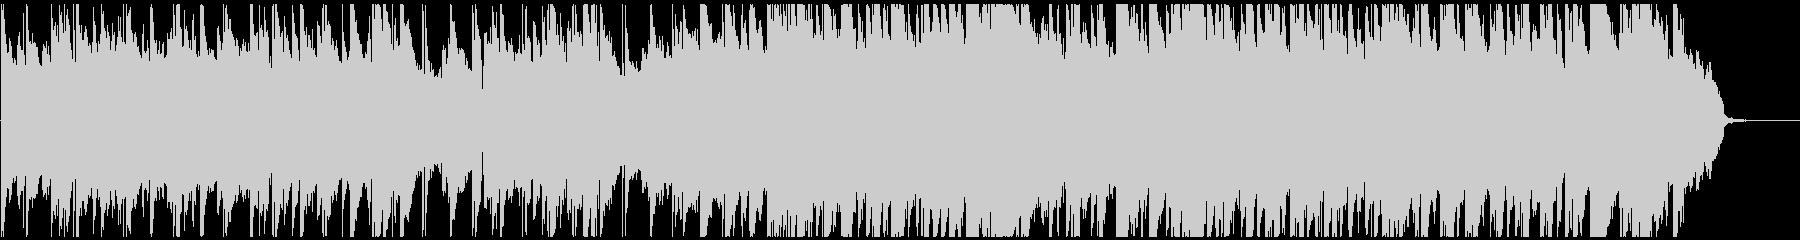 ピアノとストリングス主体の優しいバラードの未再生の波形